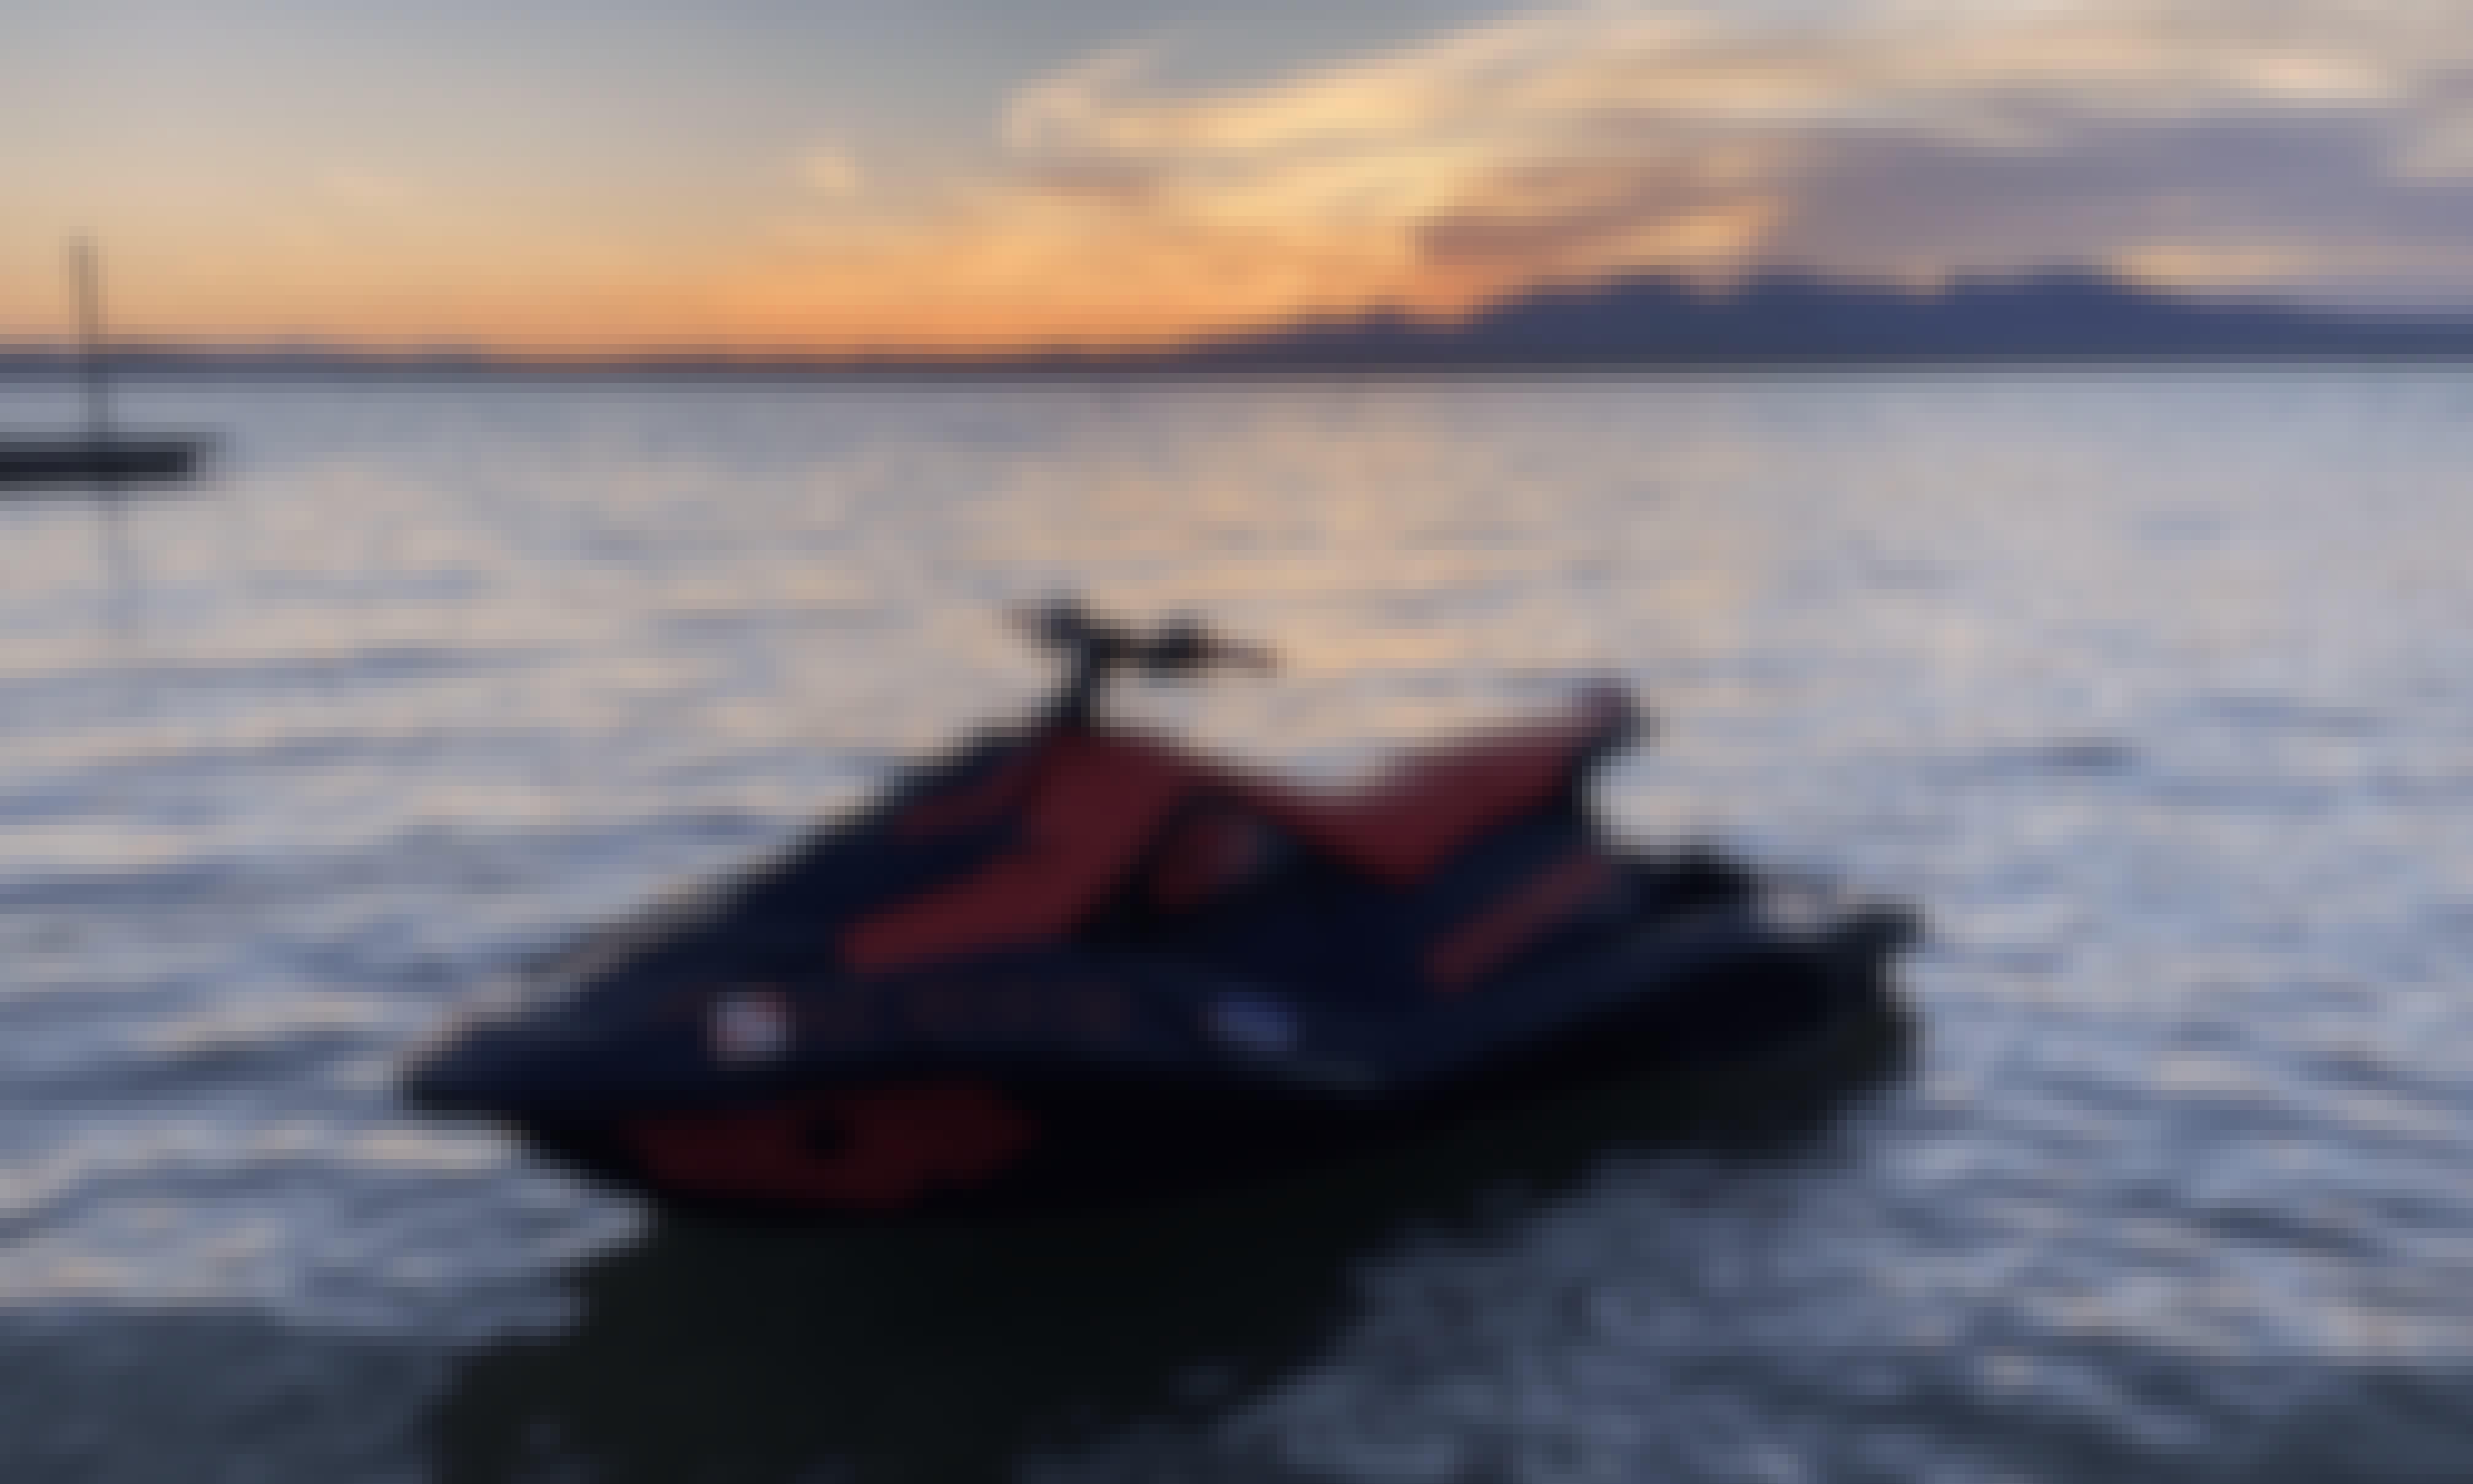 2021 Seadoo Spark Trixx Jet Ski for Rent in Lake Havasu